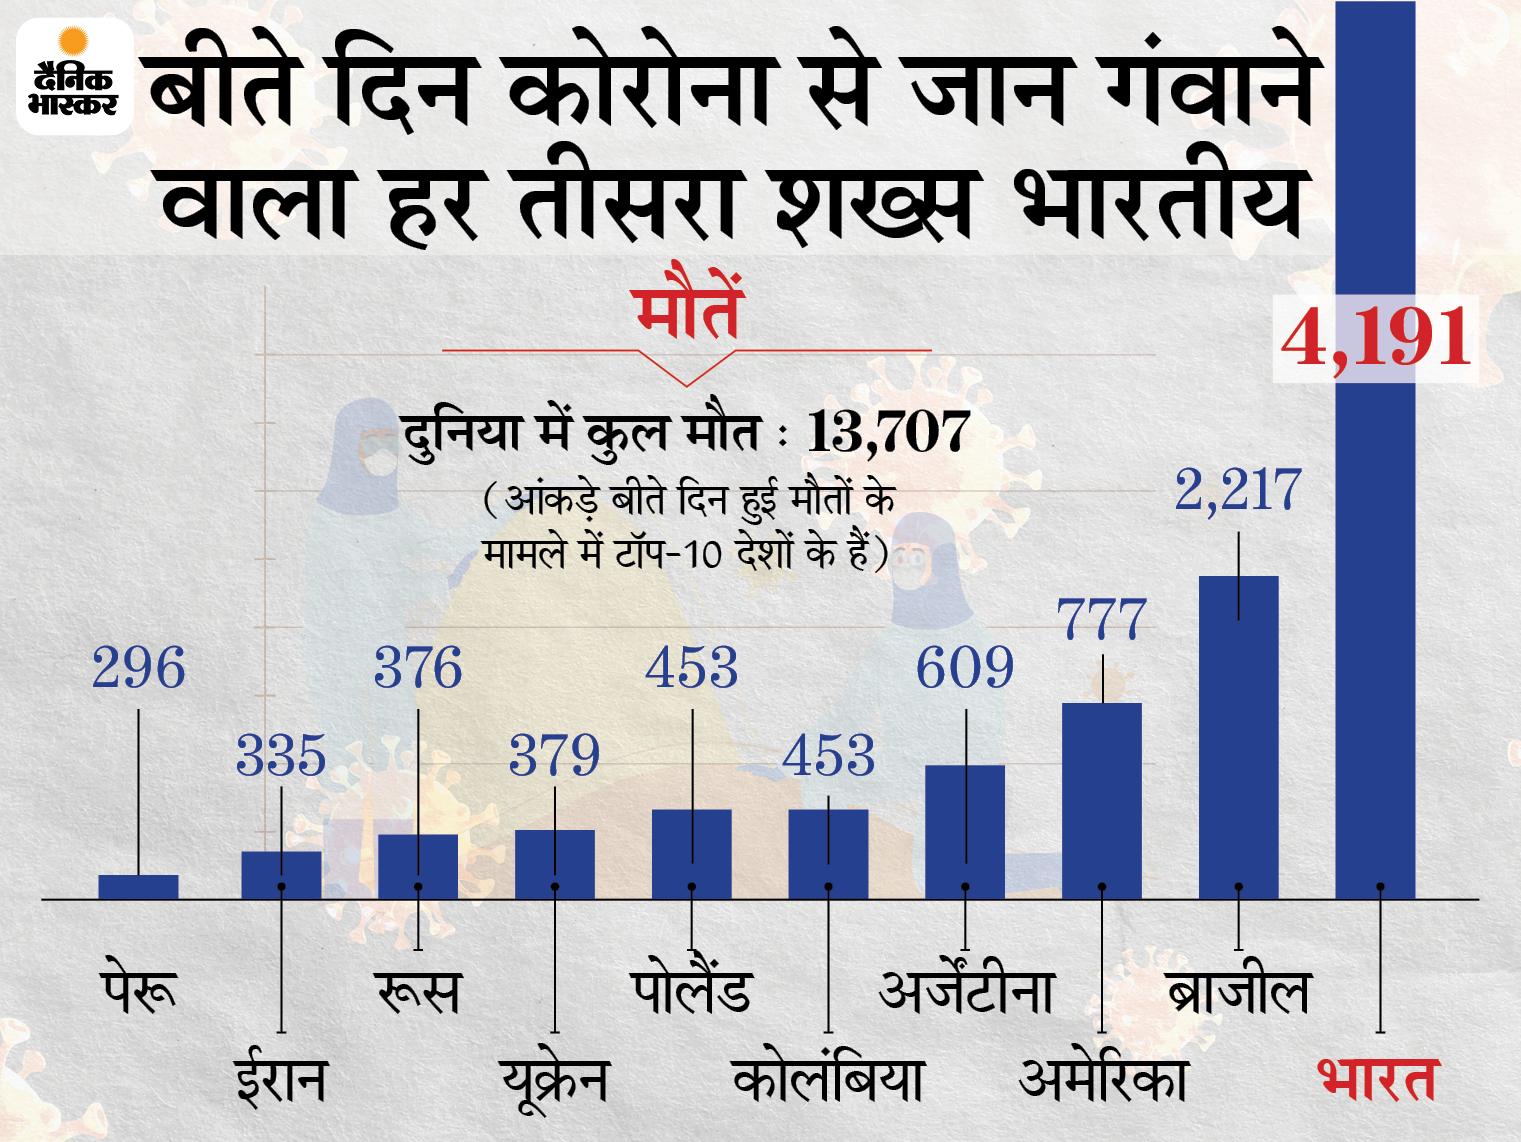 देश में पहली बार 3.86 लाख से ज्यादा मरीज ठीक हुए; 24 घंटे में मिले 4.03 लाख नए संक्रमित, लगातार दूसरे दिन 4 हजार से ज्यादा मौतें|देश,National - Dainik Bhaskar